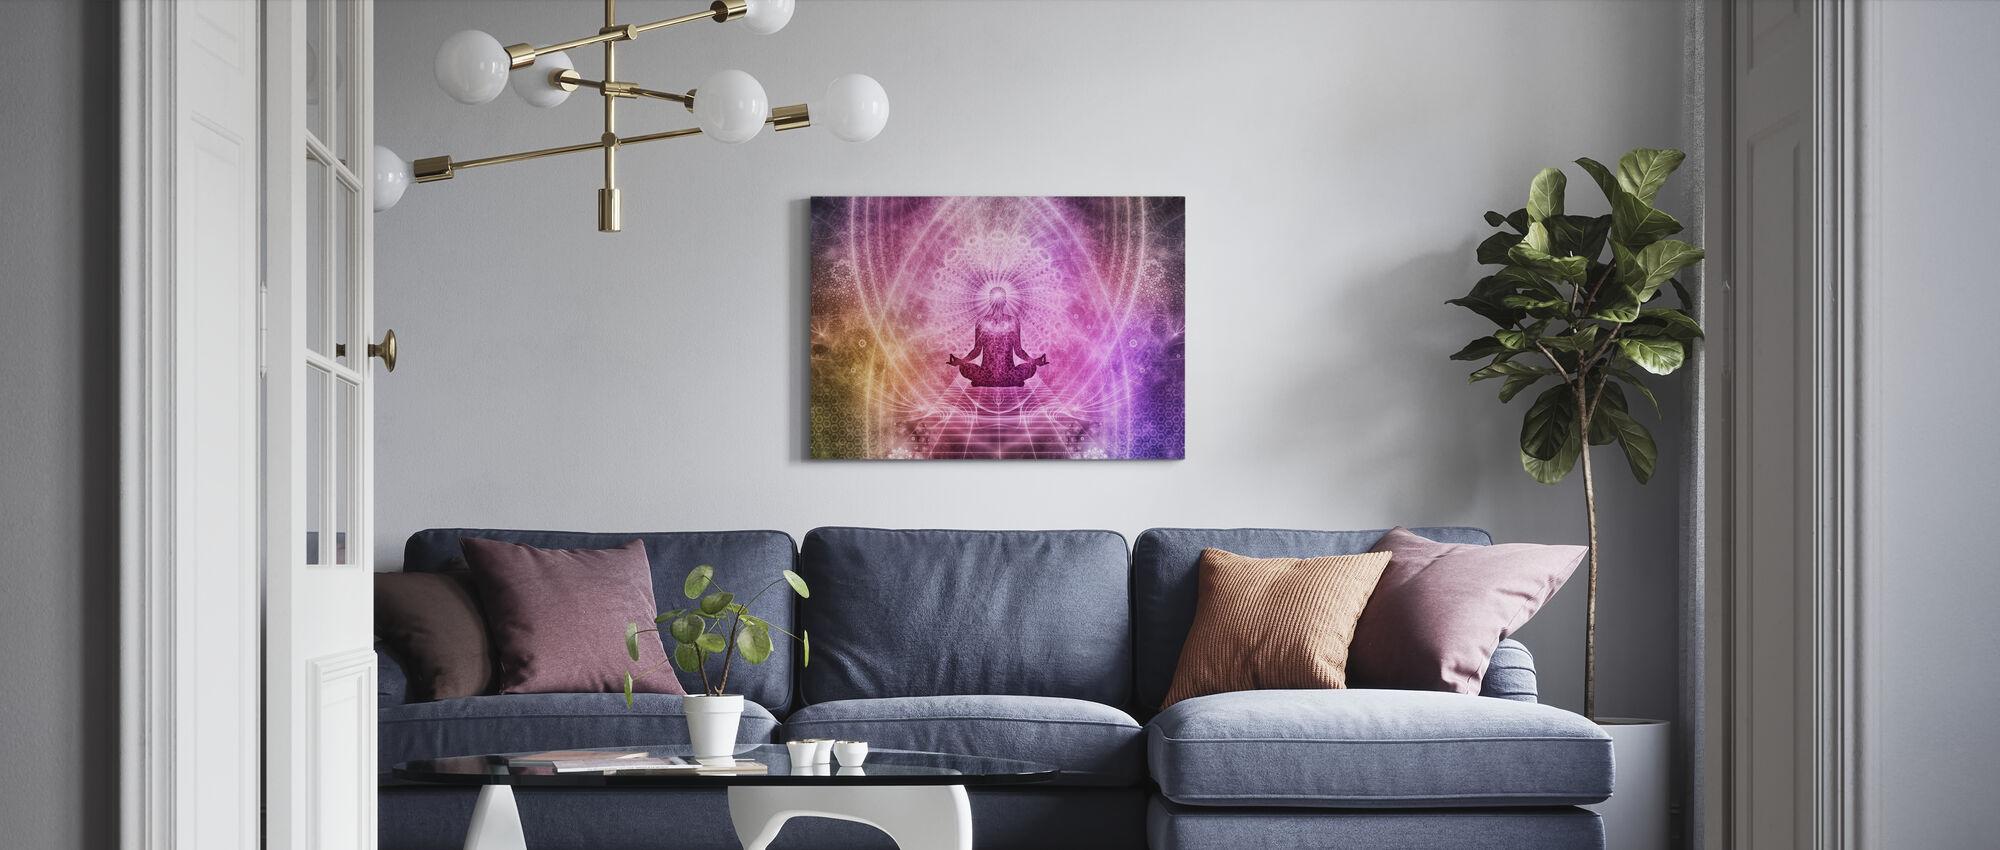 Henkinen meditaatio - Canvastaulu - Olohuone